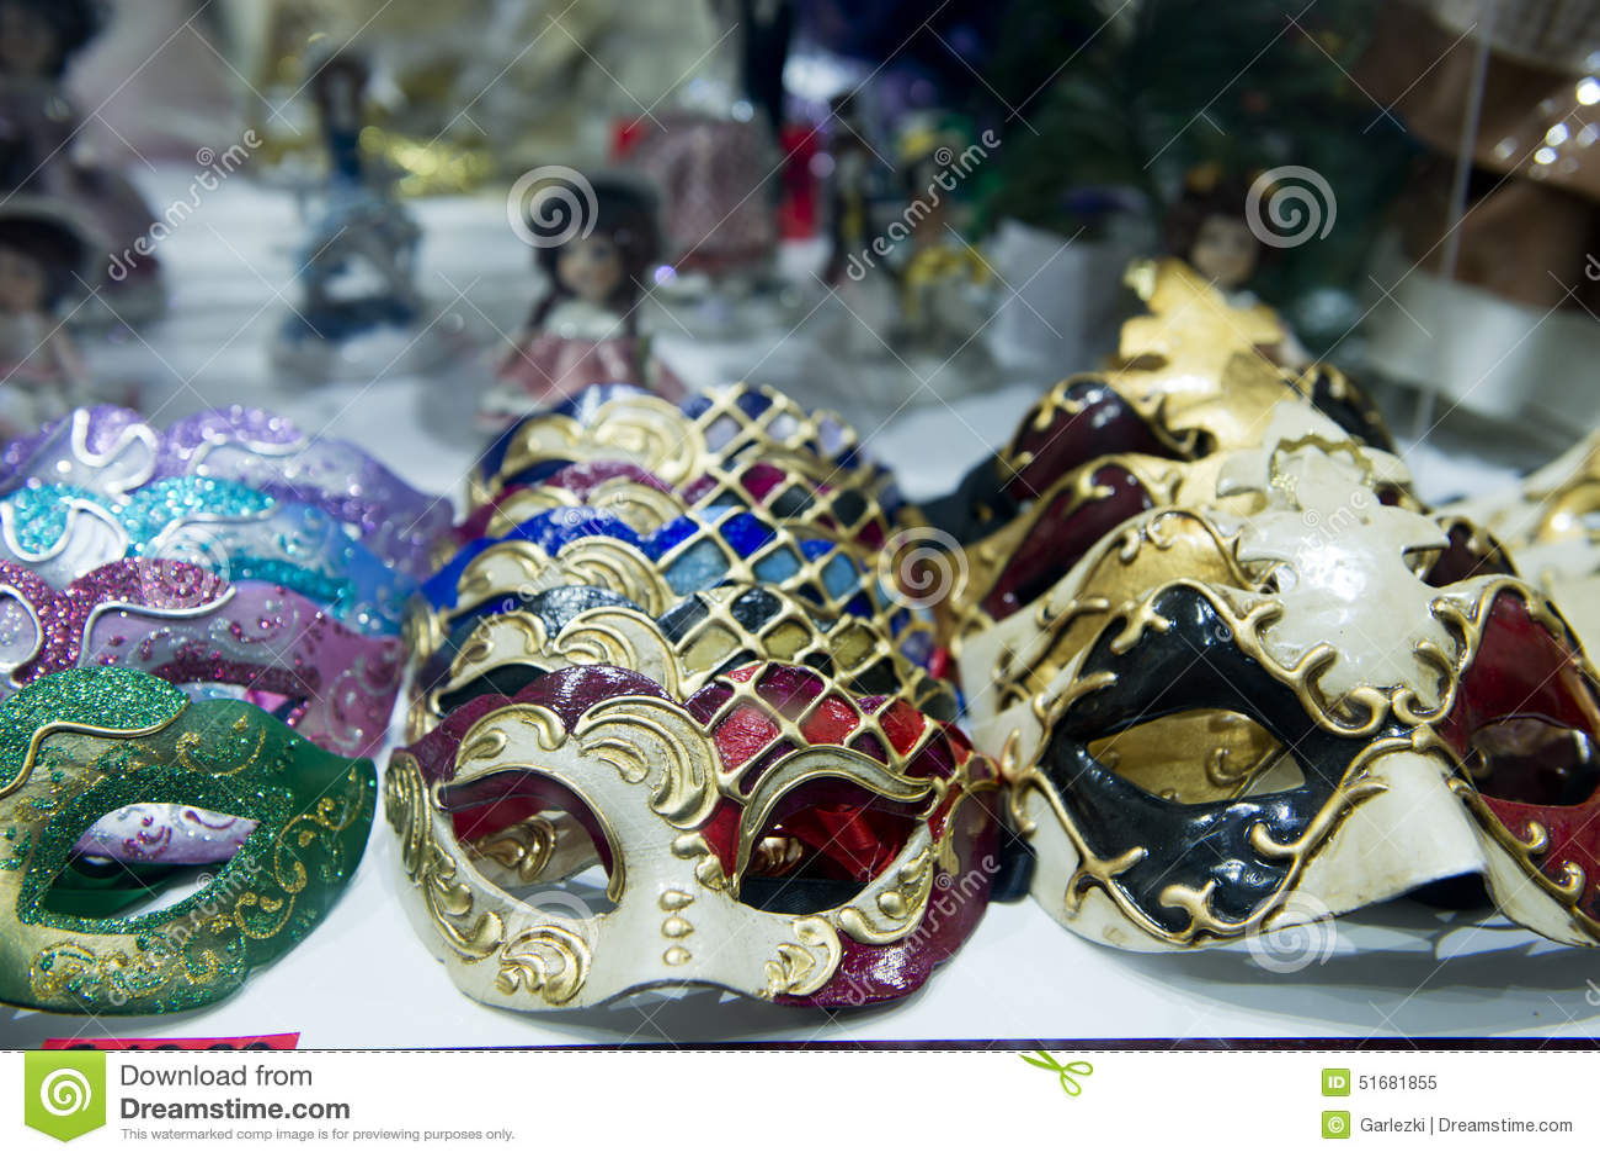 Mascaras de carnaval de veneza the - Mascaras de carnaval de venecia ...